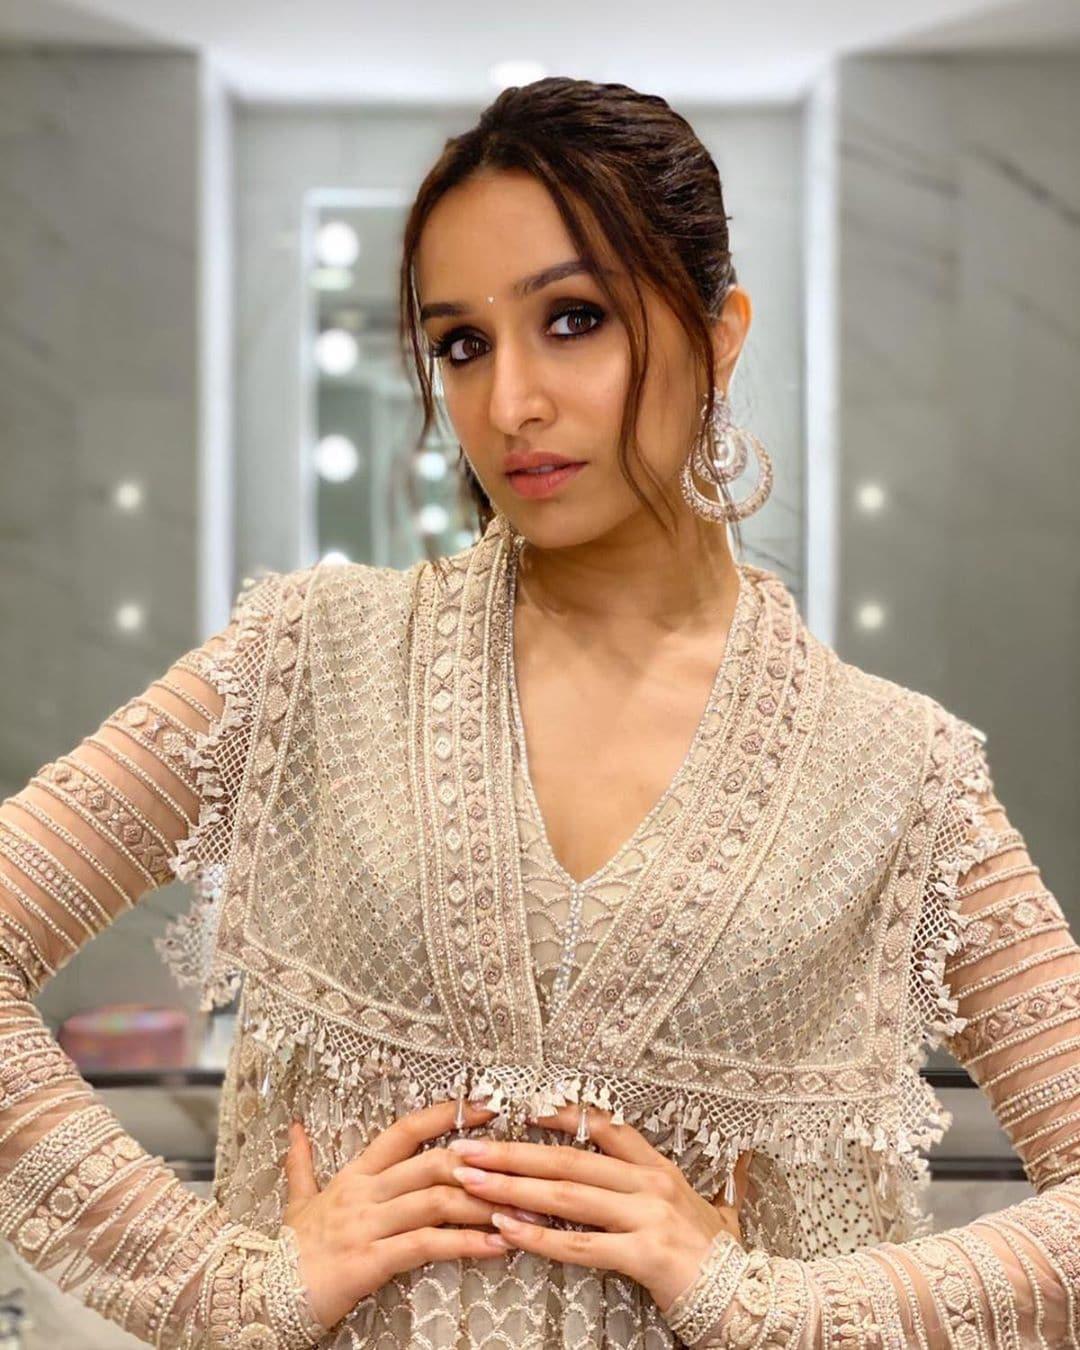 శ్రద్ధా కపూర్ ఫోటోస్ Photo: Instagram.com/shraddhakapoor